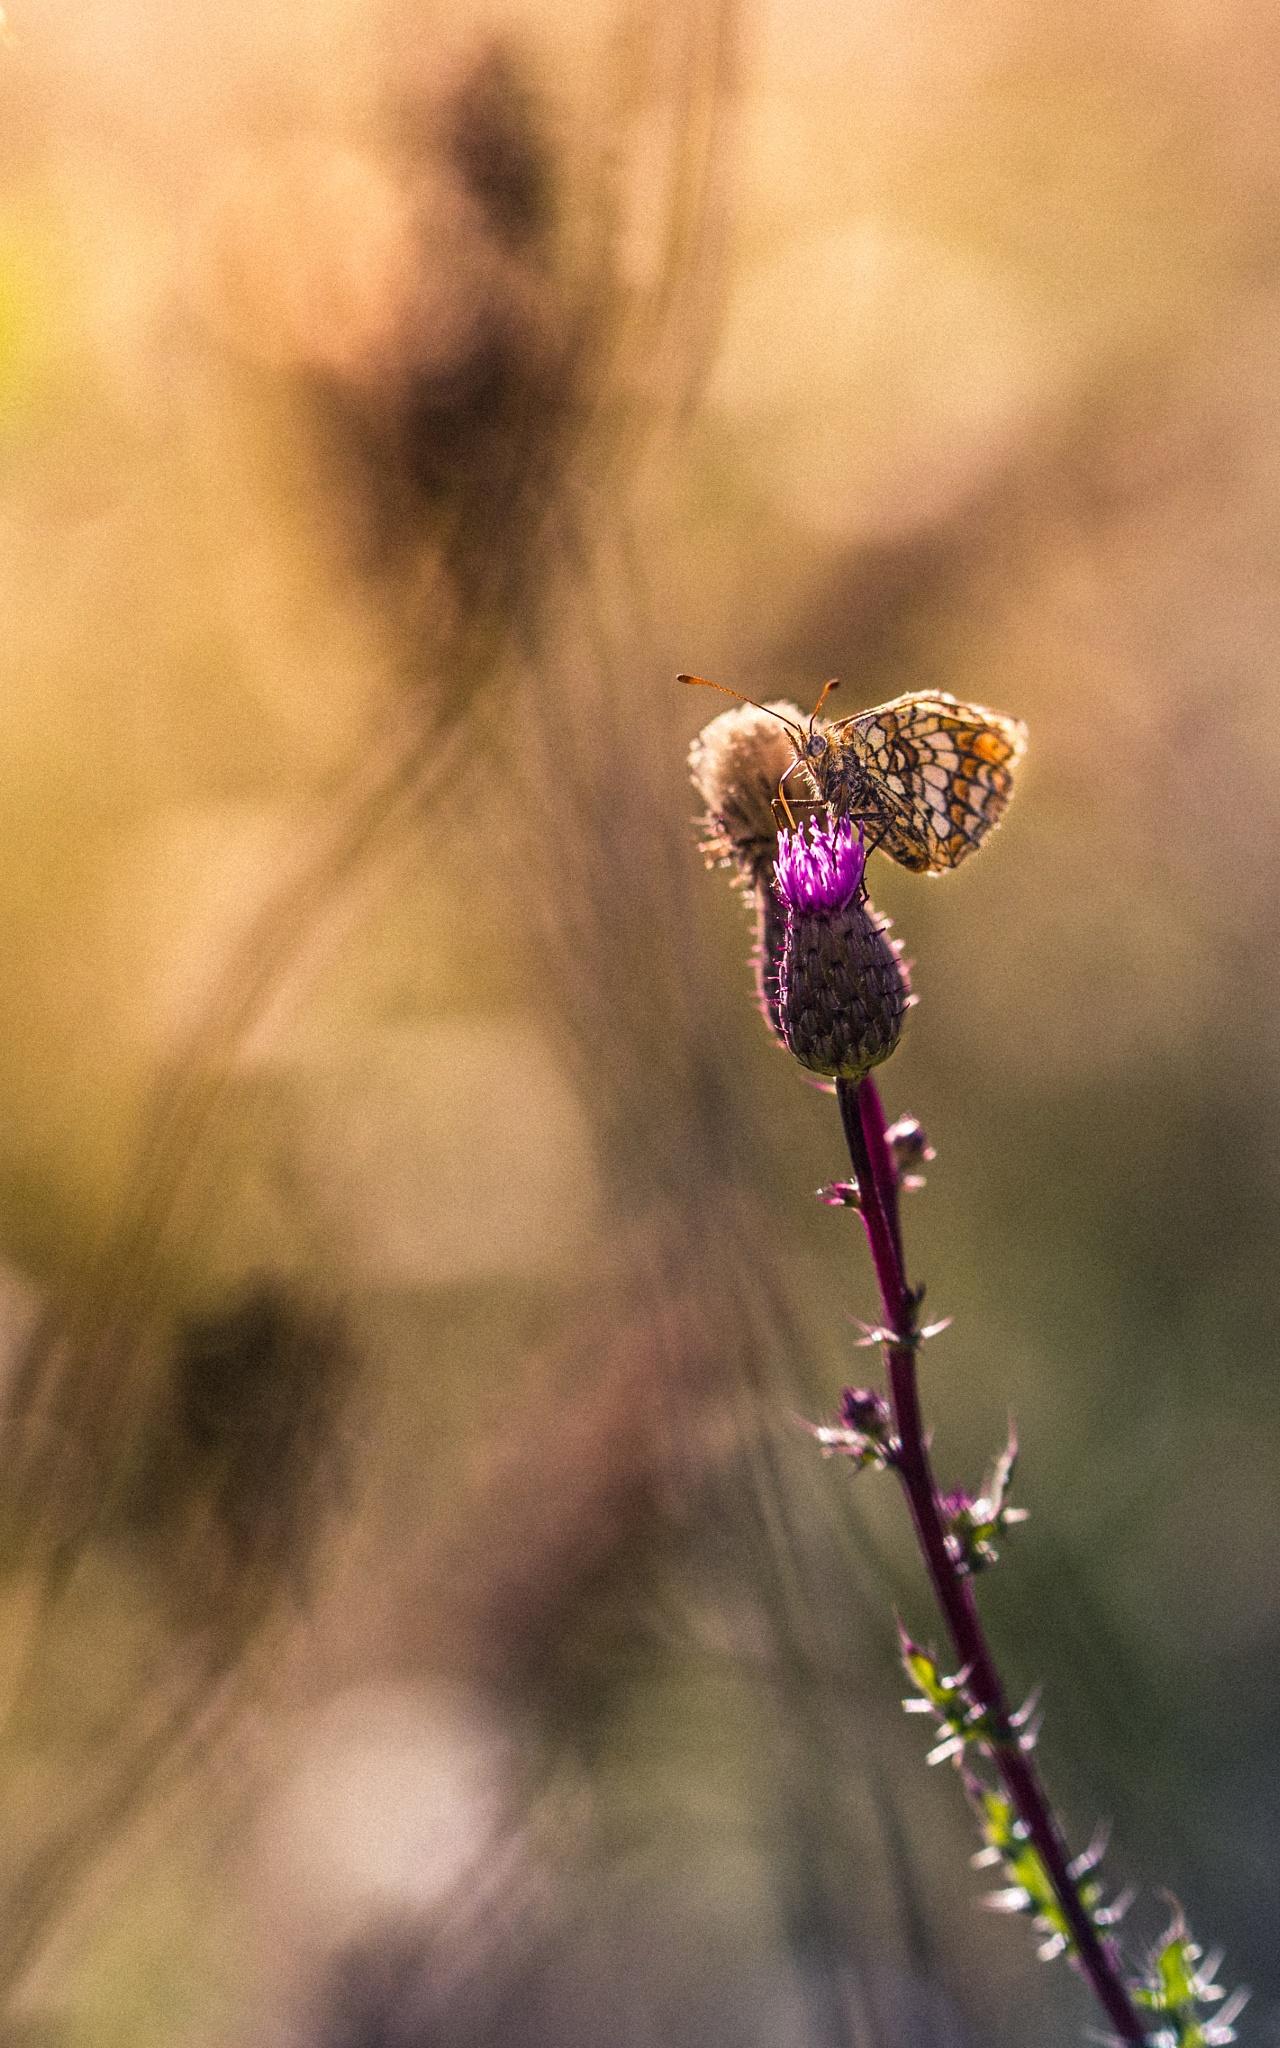 Butterfly by Romain L.